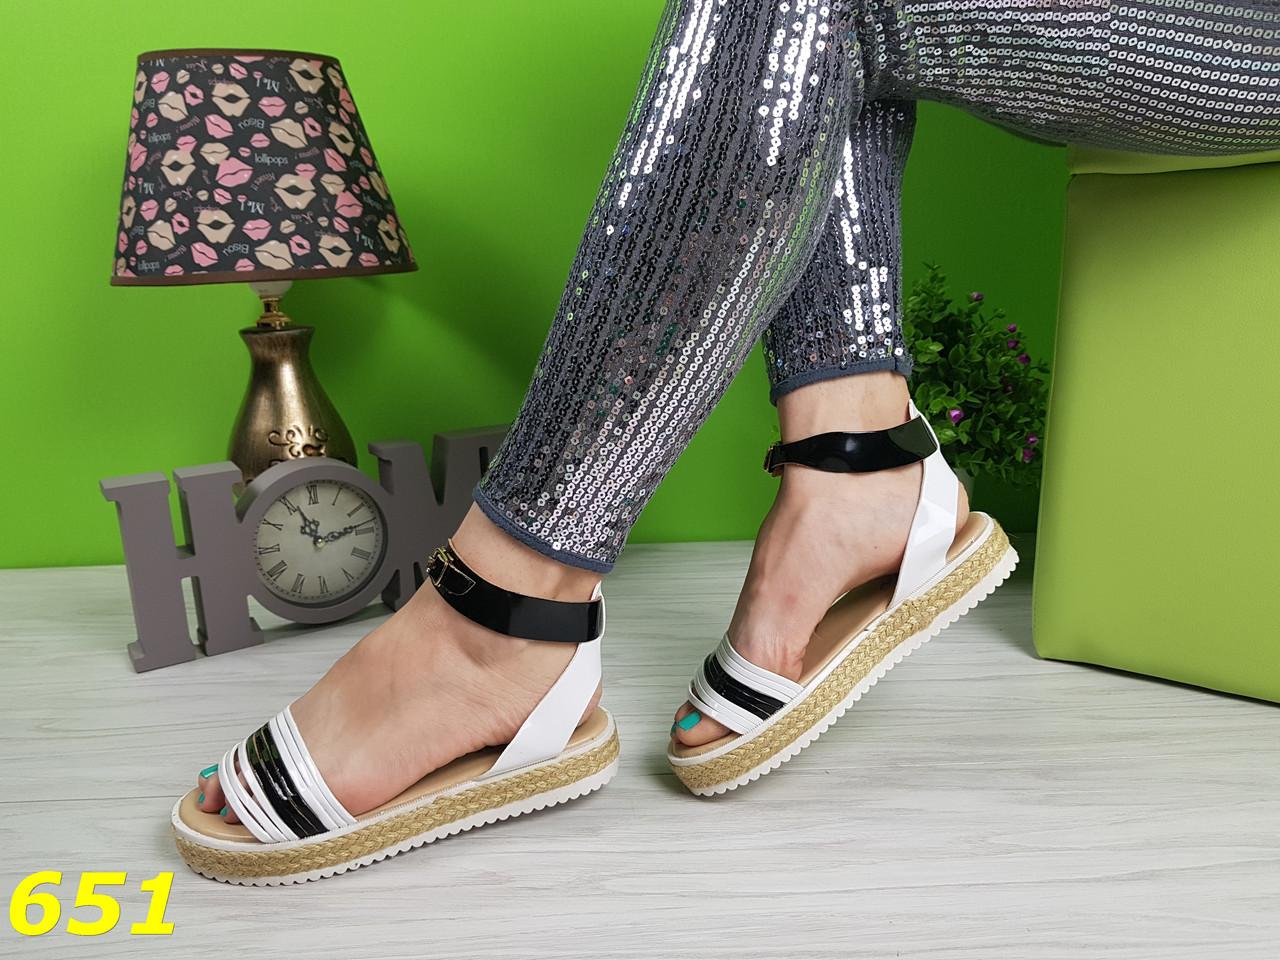 Босоножки сандалии на платформе соломенной низкий ход черно-белые